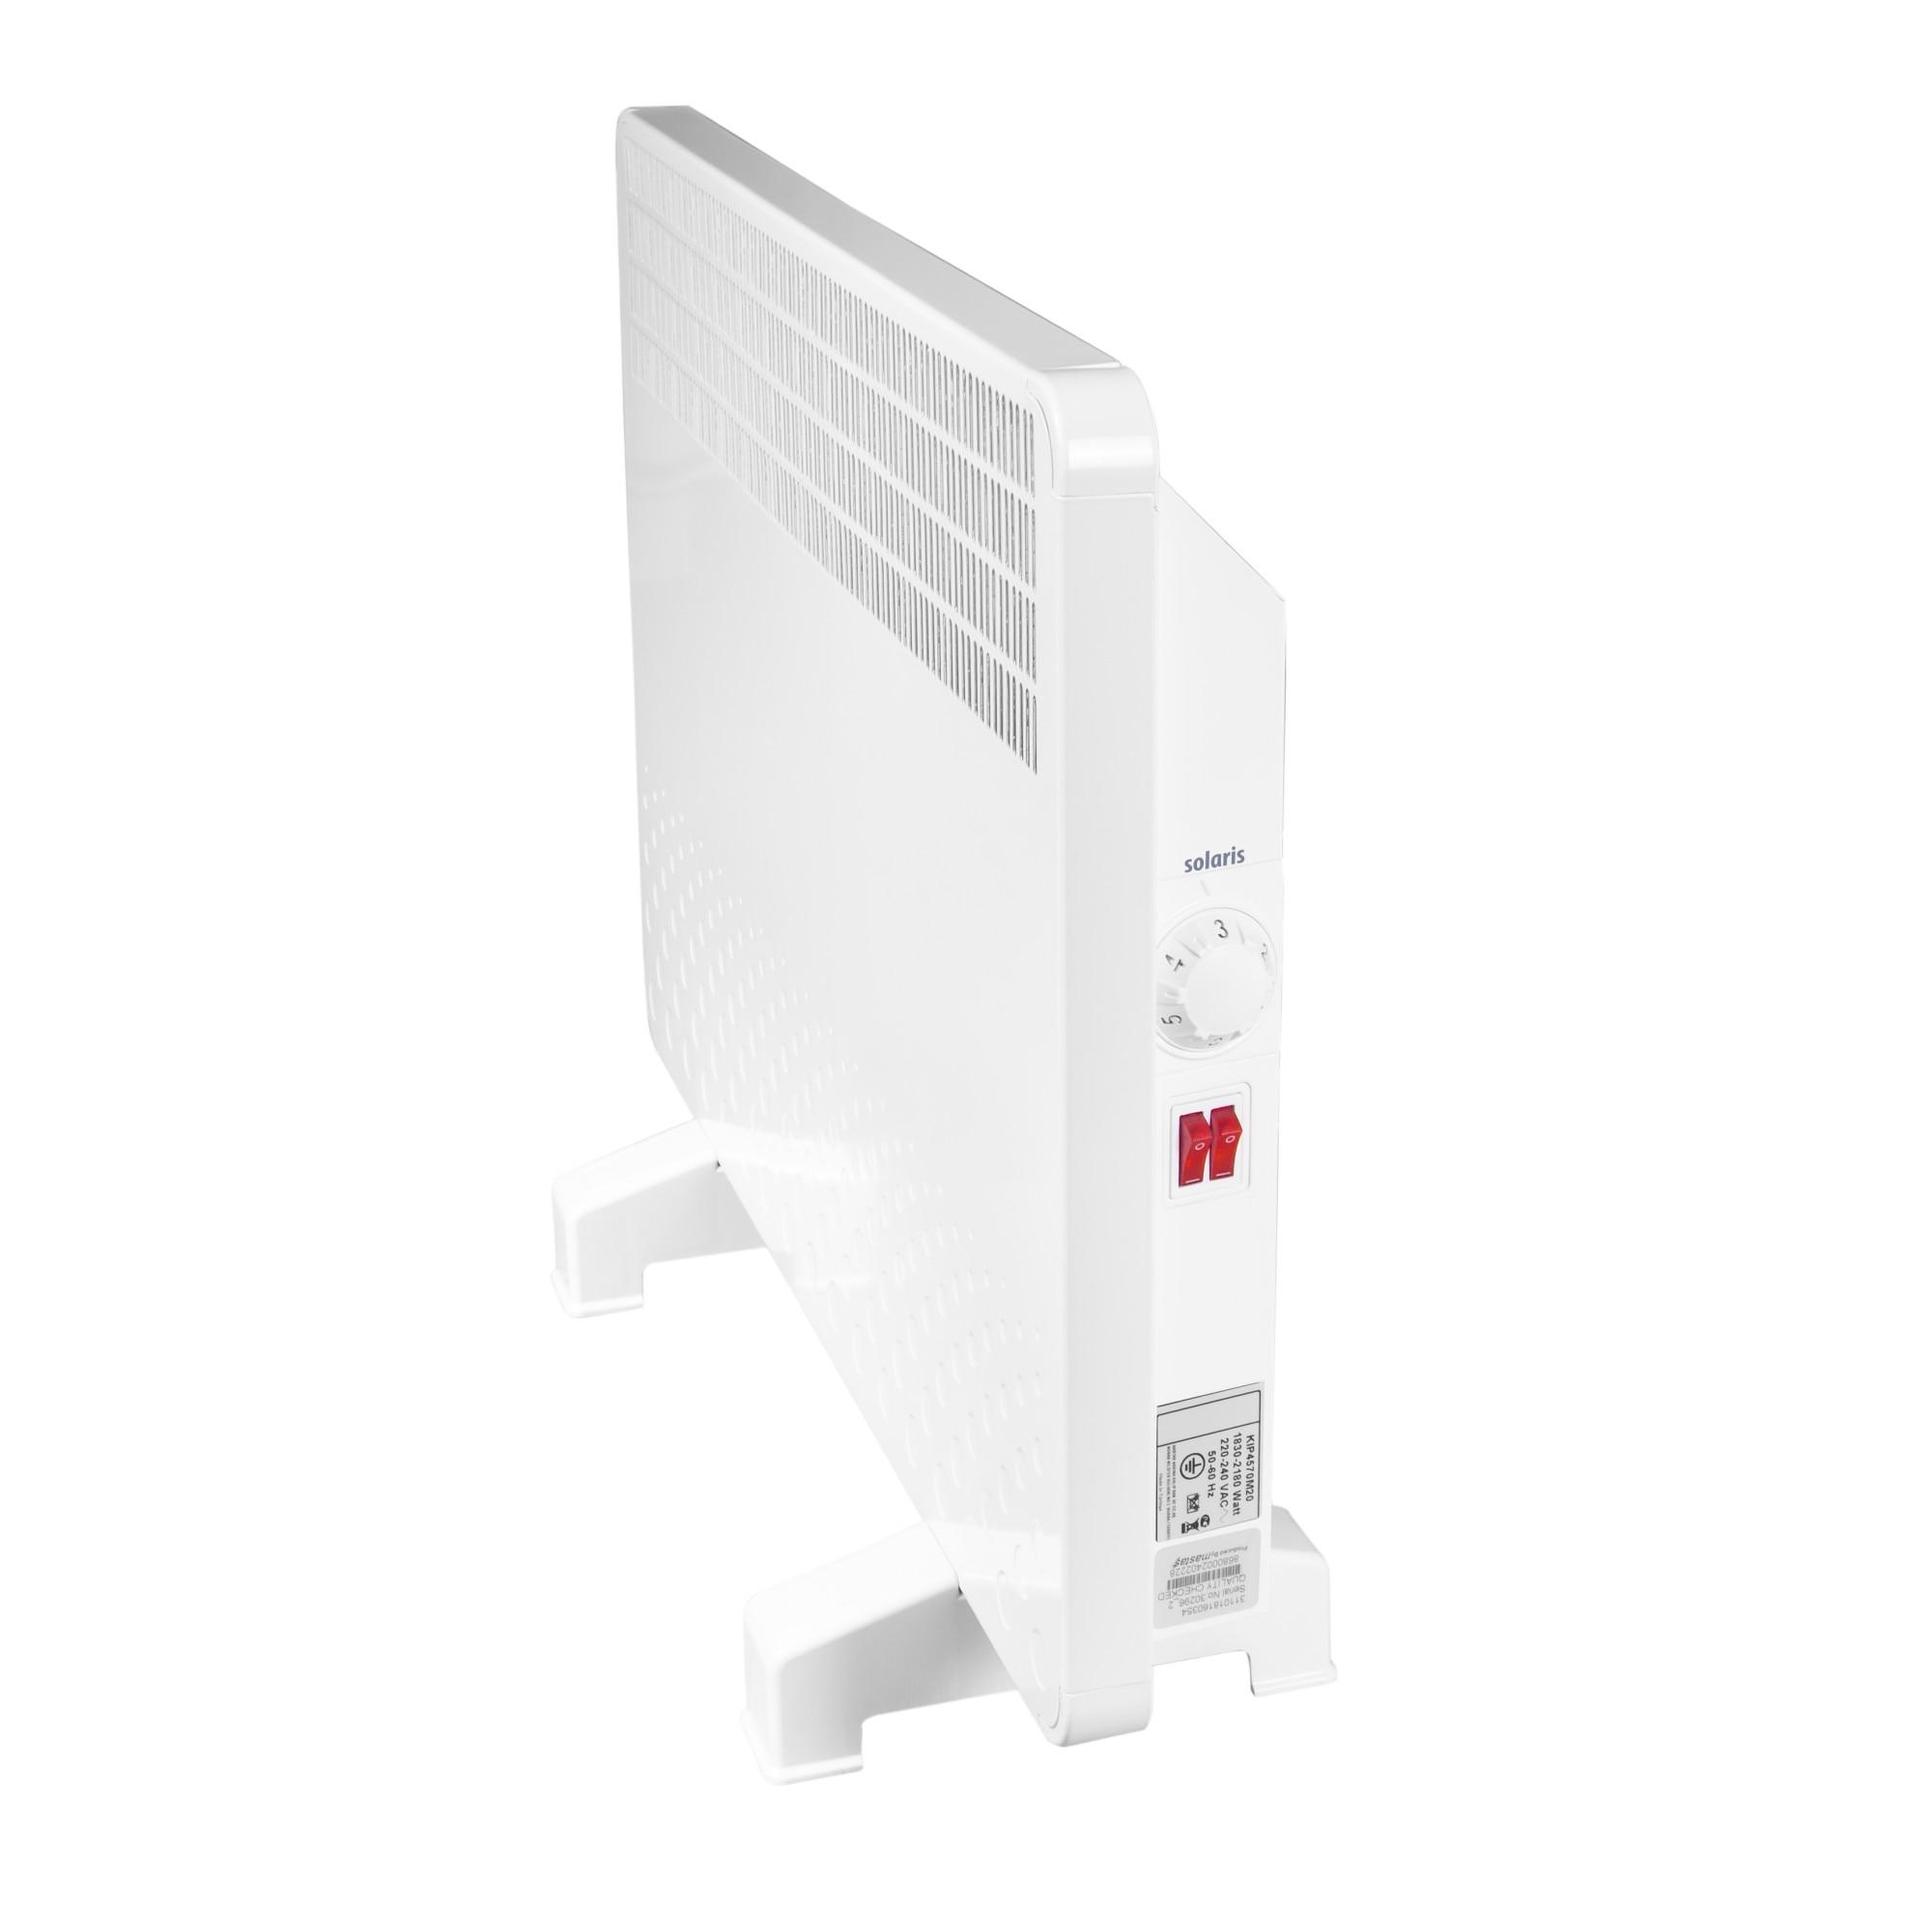 Fotografie Convector electric Solaris, 2000 W, control mecanic, Termostat de siguranta, termostat reglabil, IP 24, ERP 2018